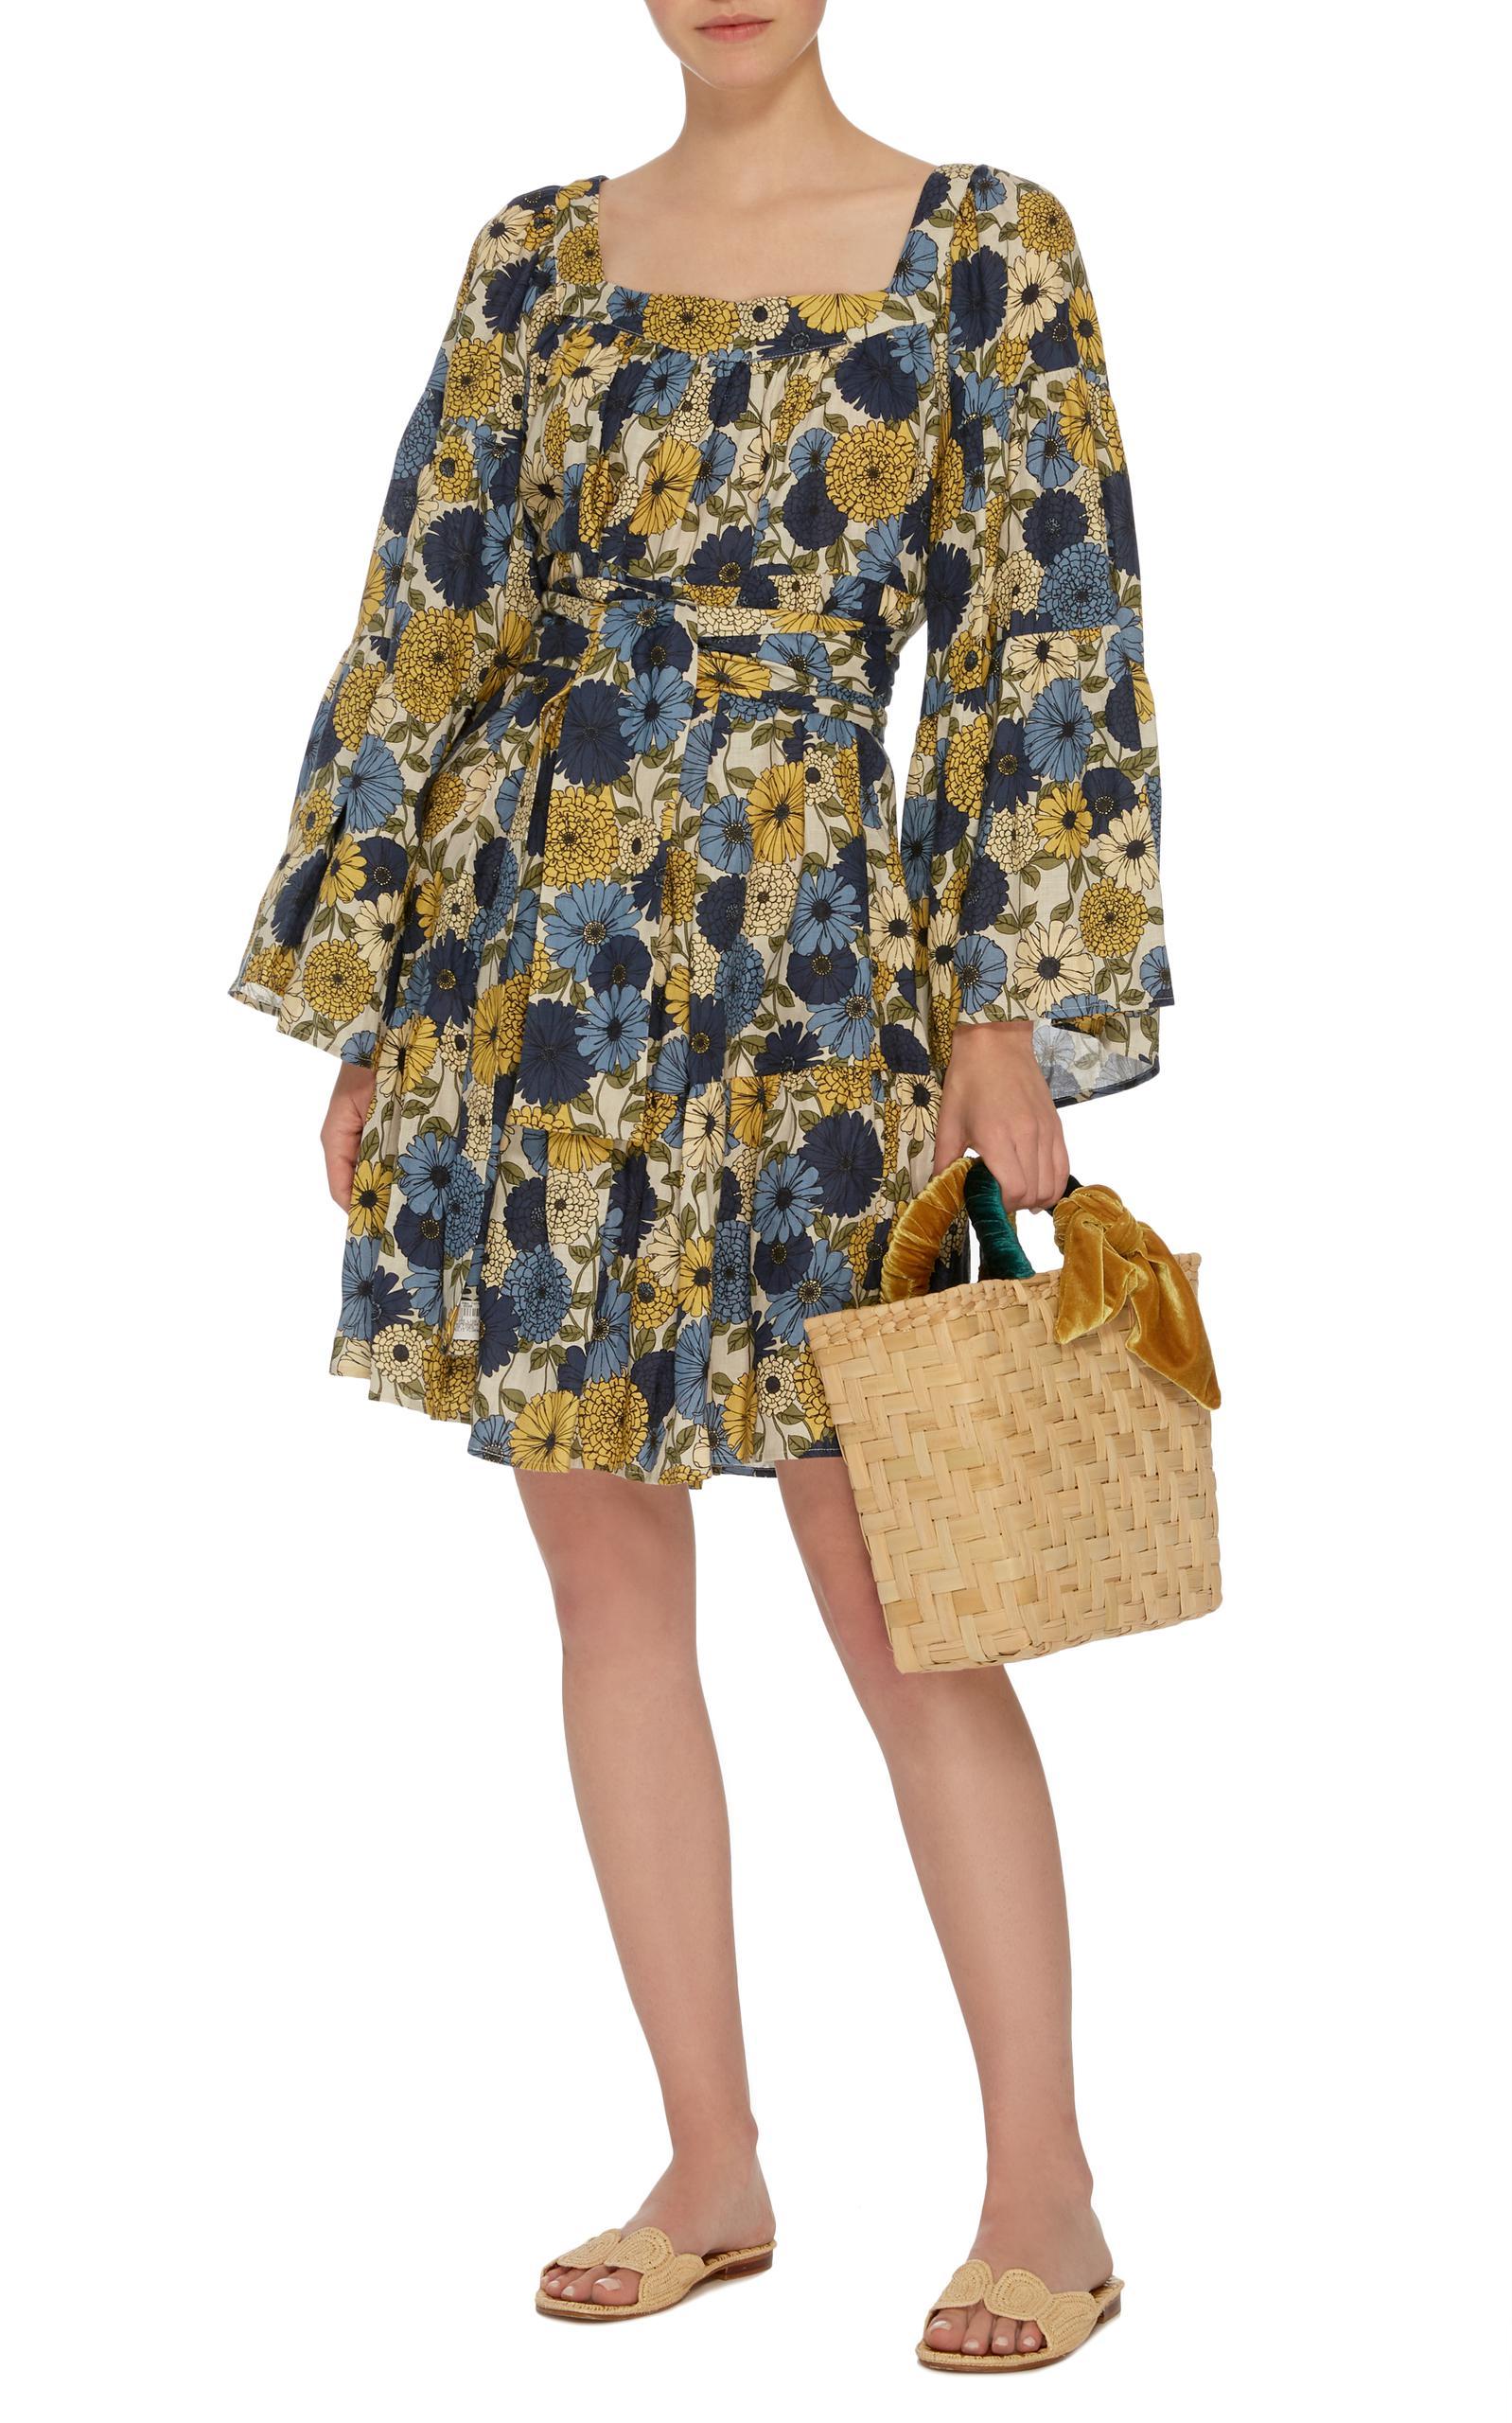 Belted Floral-Print Linen Dress Lisa Marie Fernandez hHYojI